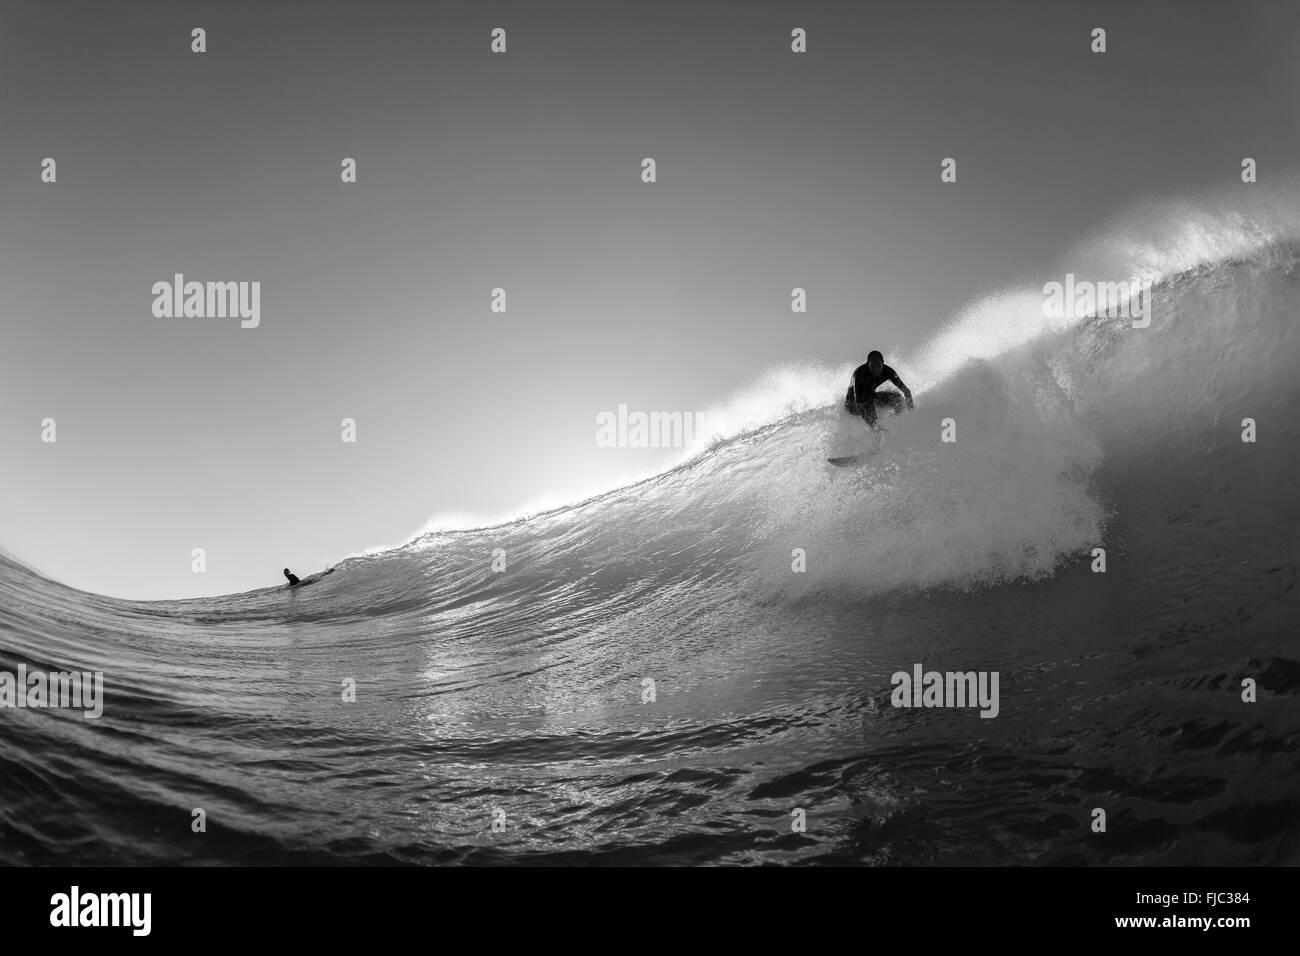 Surf surfer decollare la cattura di onda oceanica travolgente vintage in bianco e nero Immagini Stock